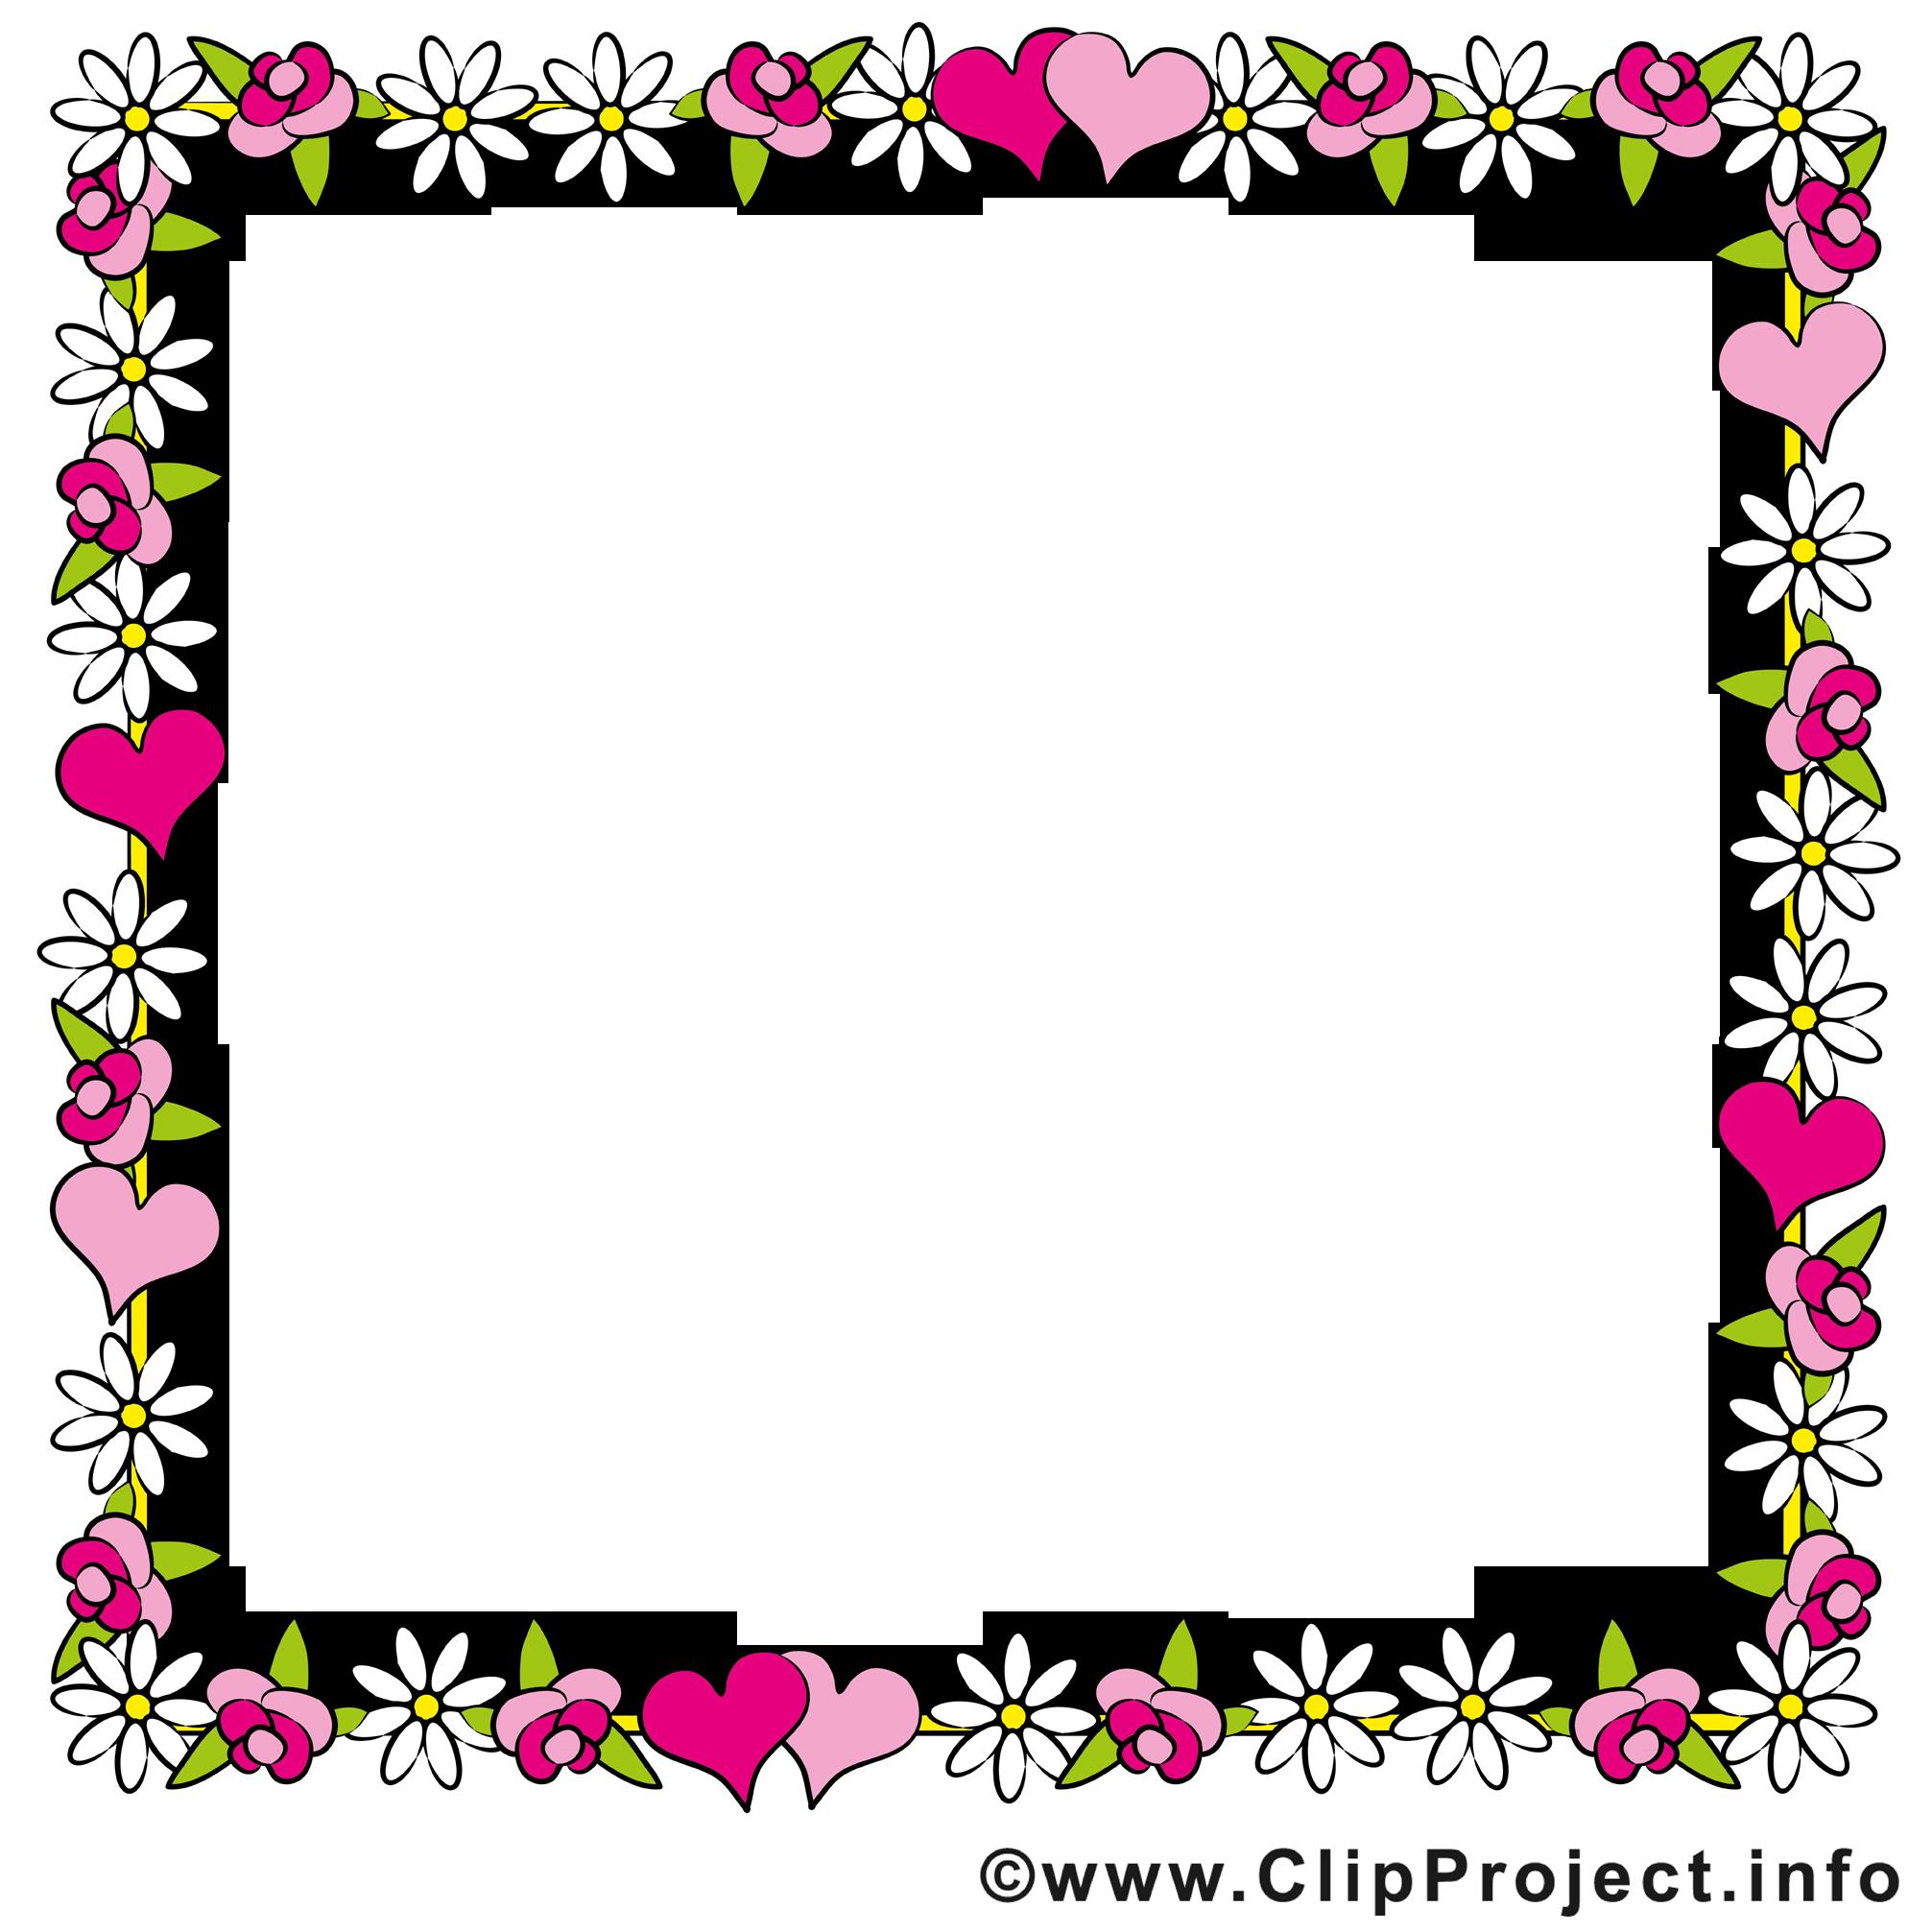 Clipart kostenlos rahmen png transparent stock Herzbilderrahmen png transparent stock